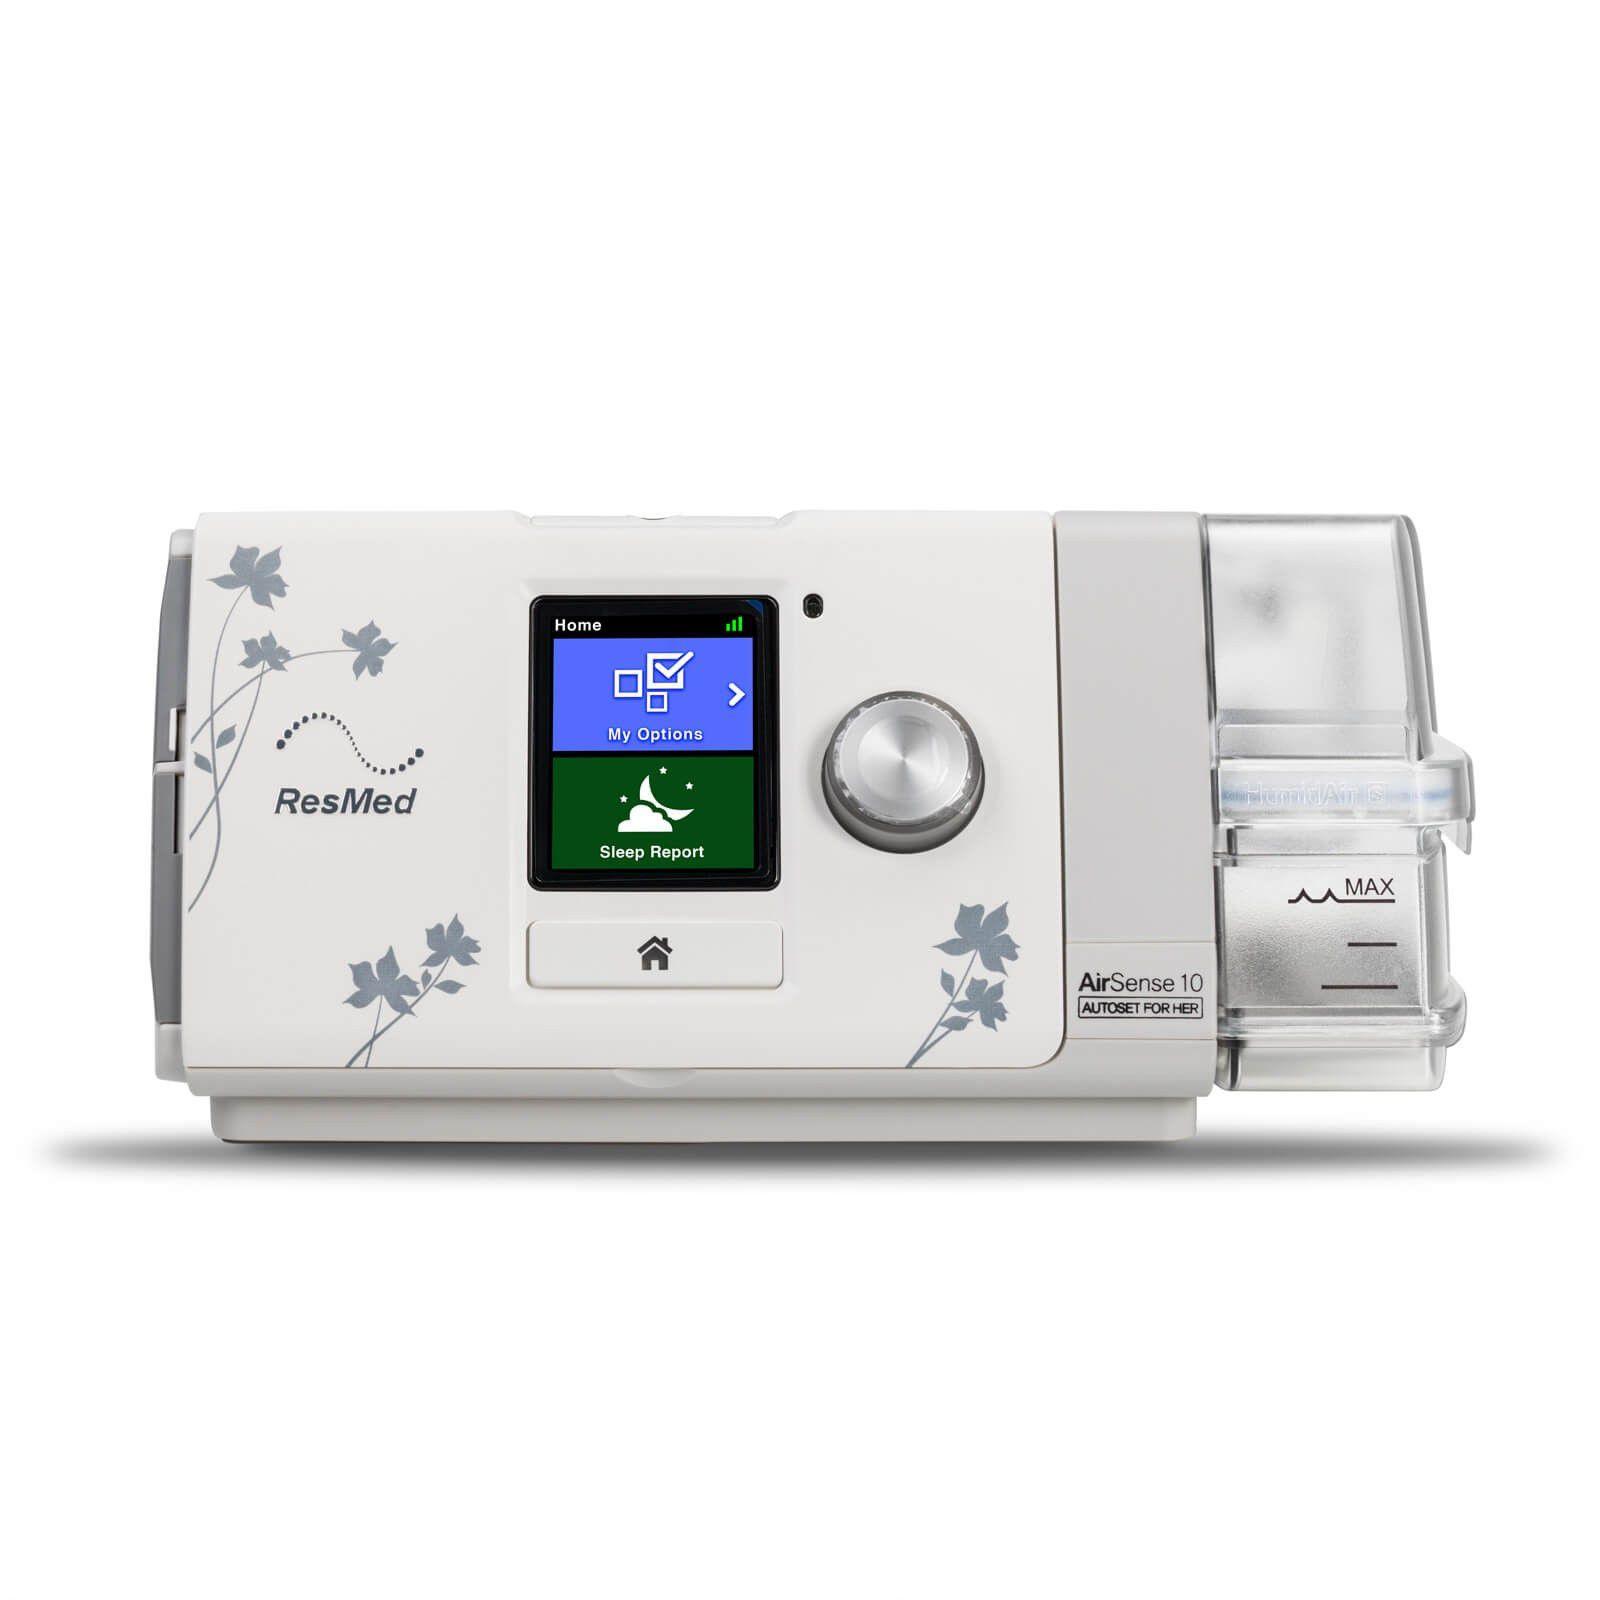 CPAP Automático AirSense 10 AutoSet For Her + Umidificador - Resmed